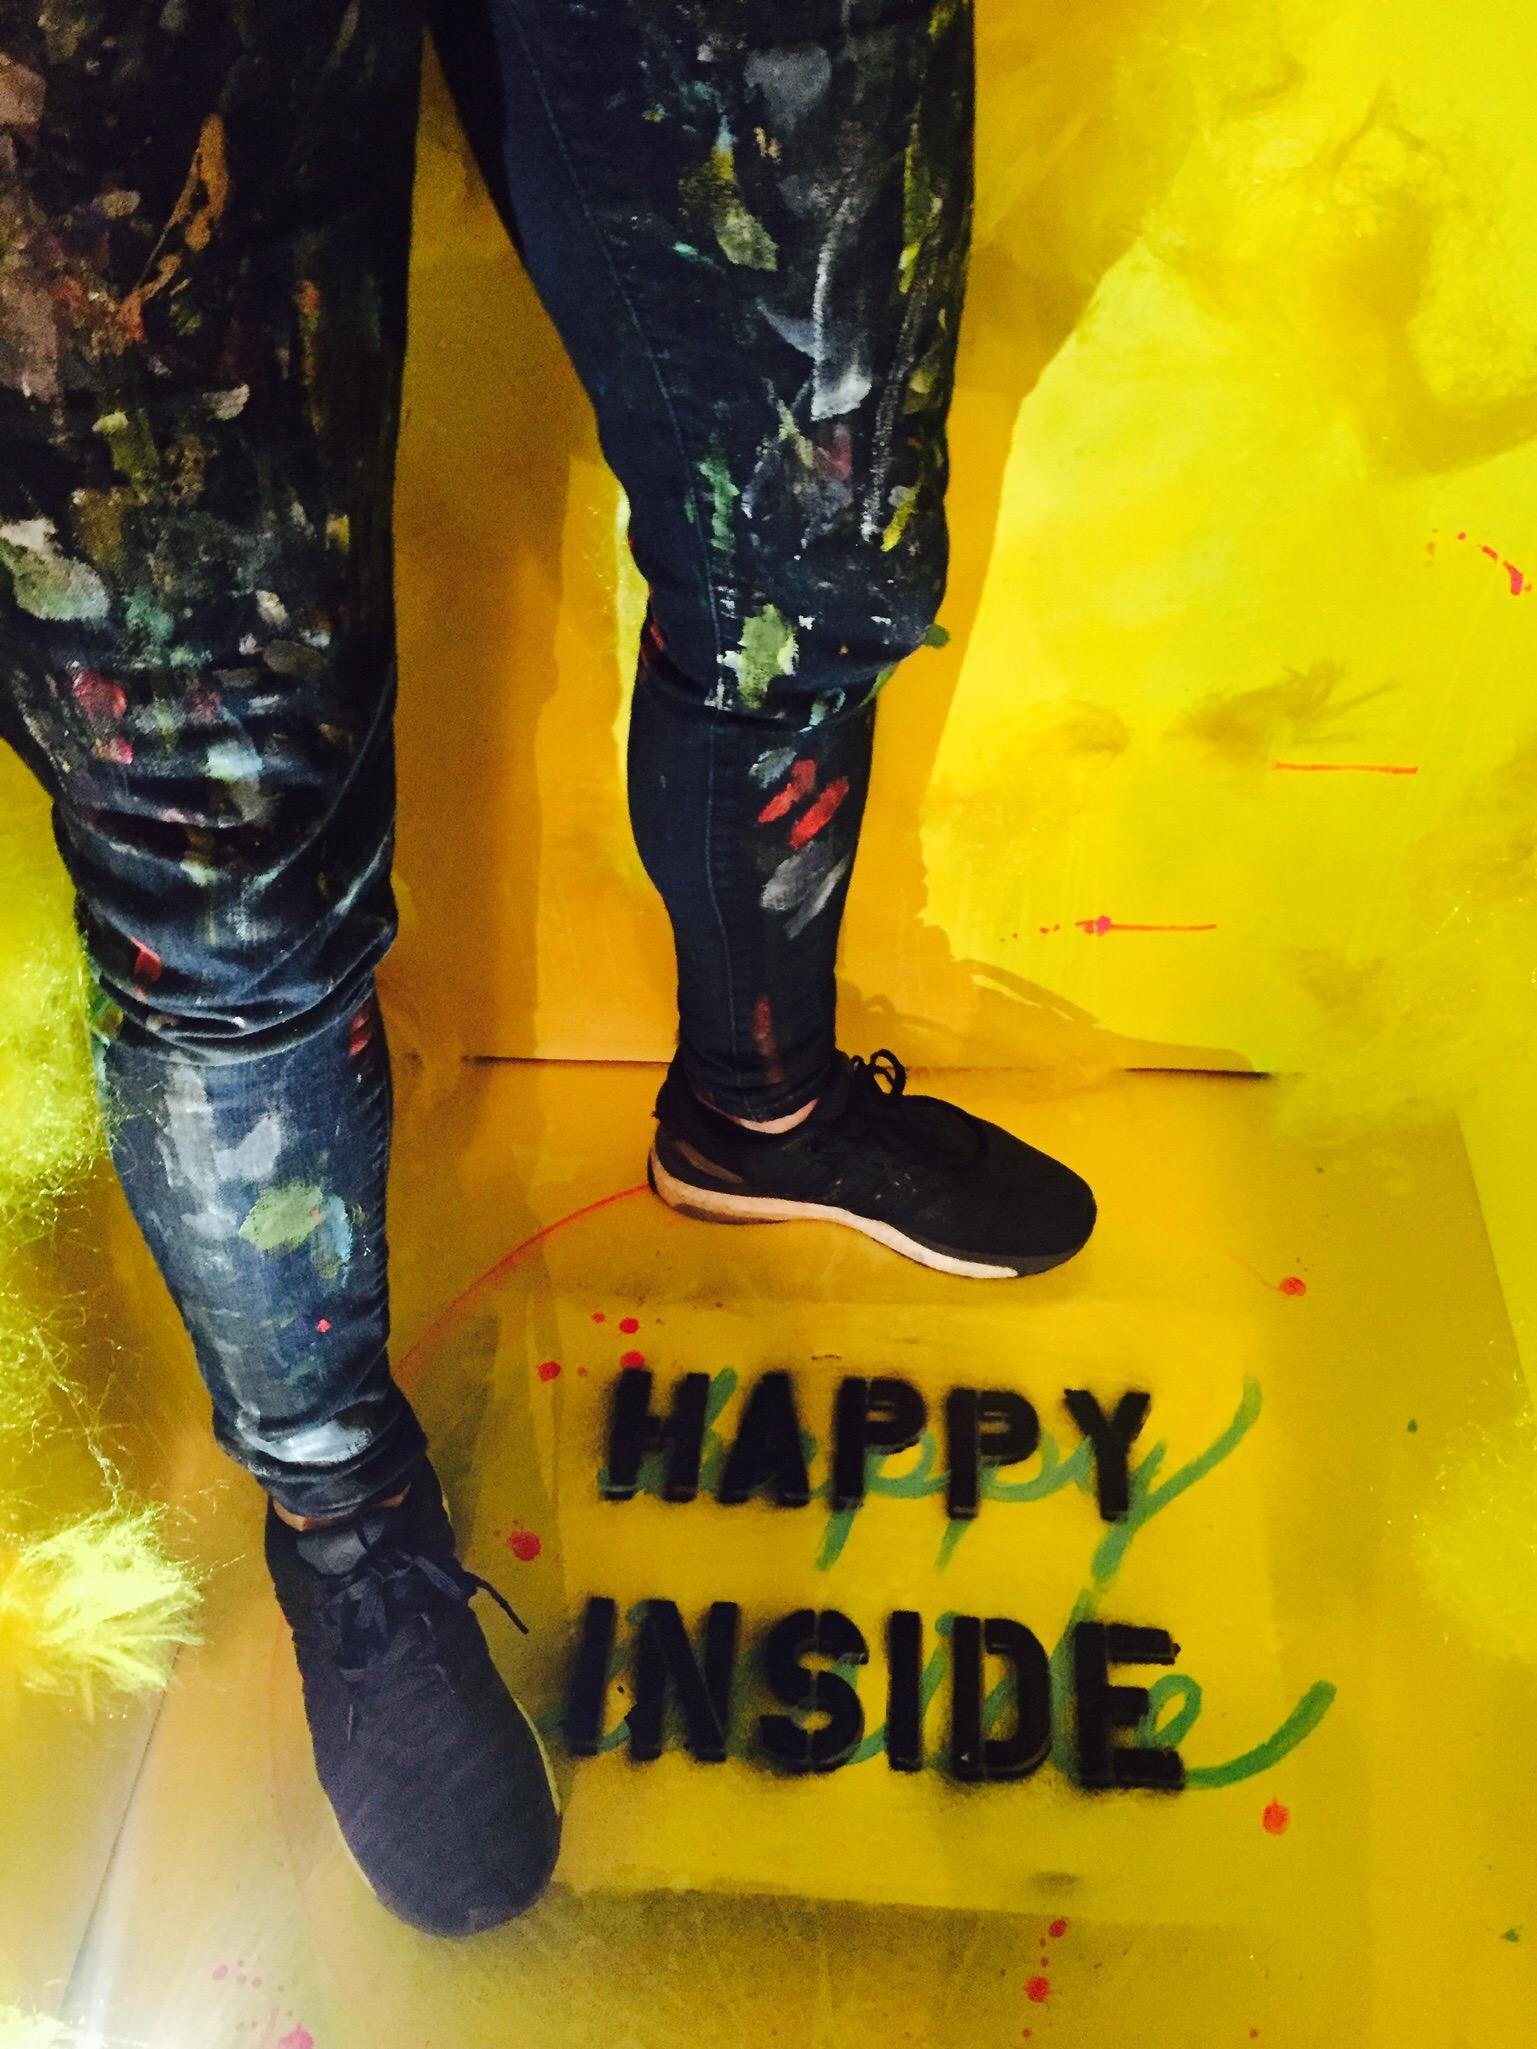 Happy Inside - enough said